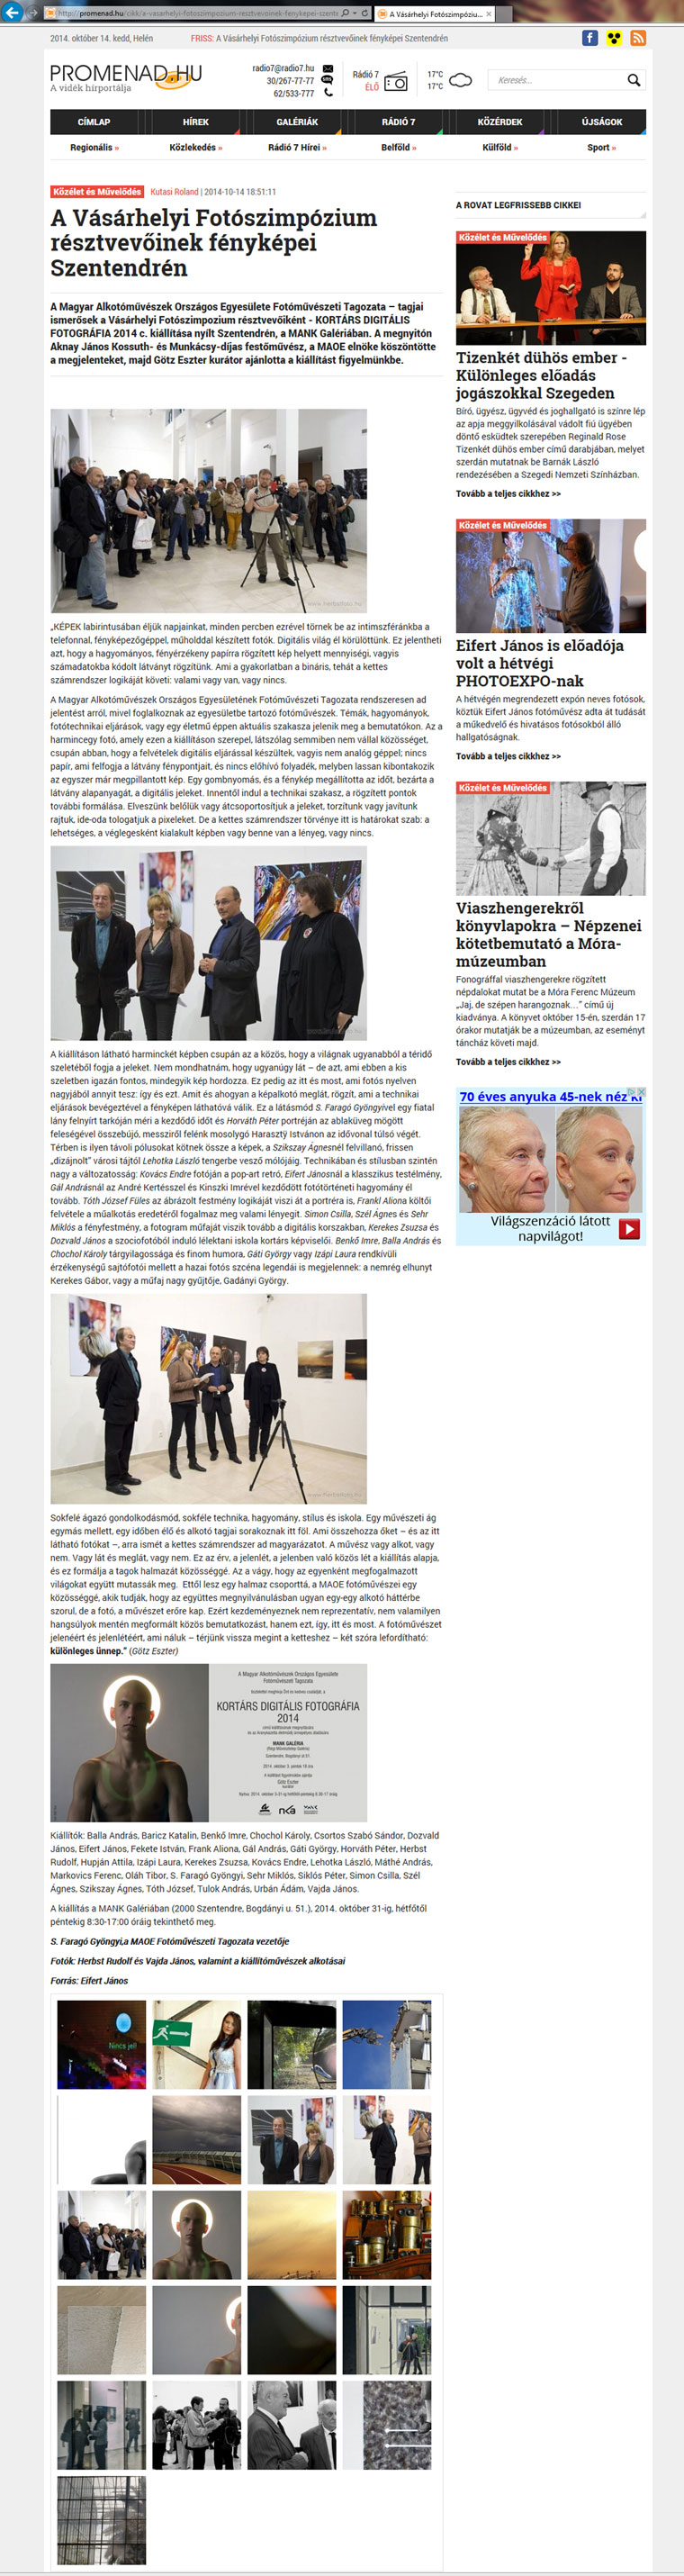 Promenad.hu, 2014.10.14. - MAOE-Fotóművészeti Tagozata kiállítása Szentendrén